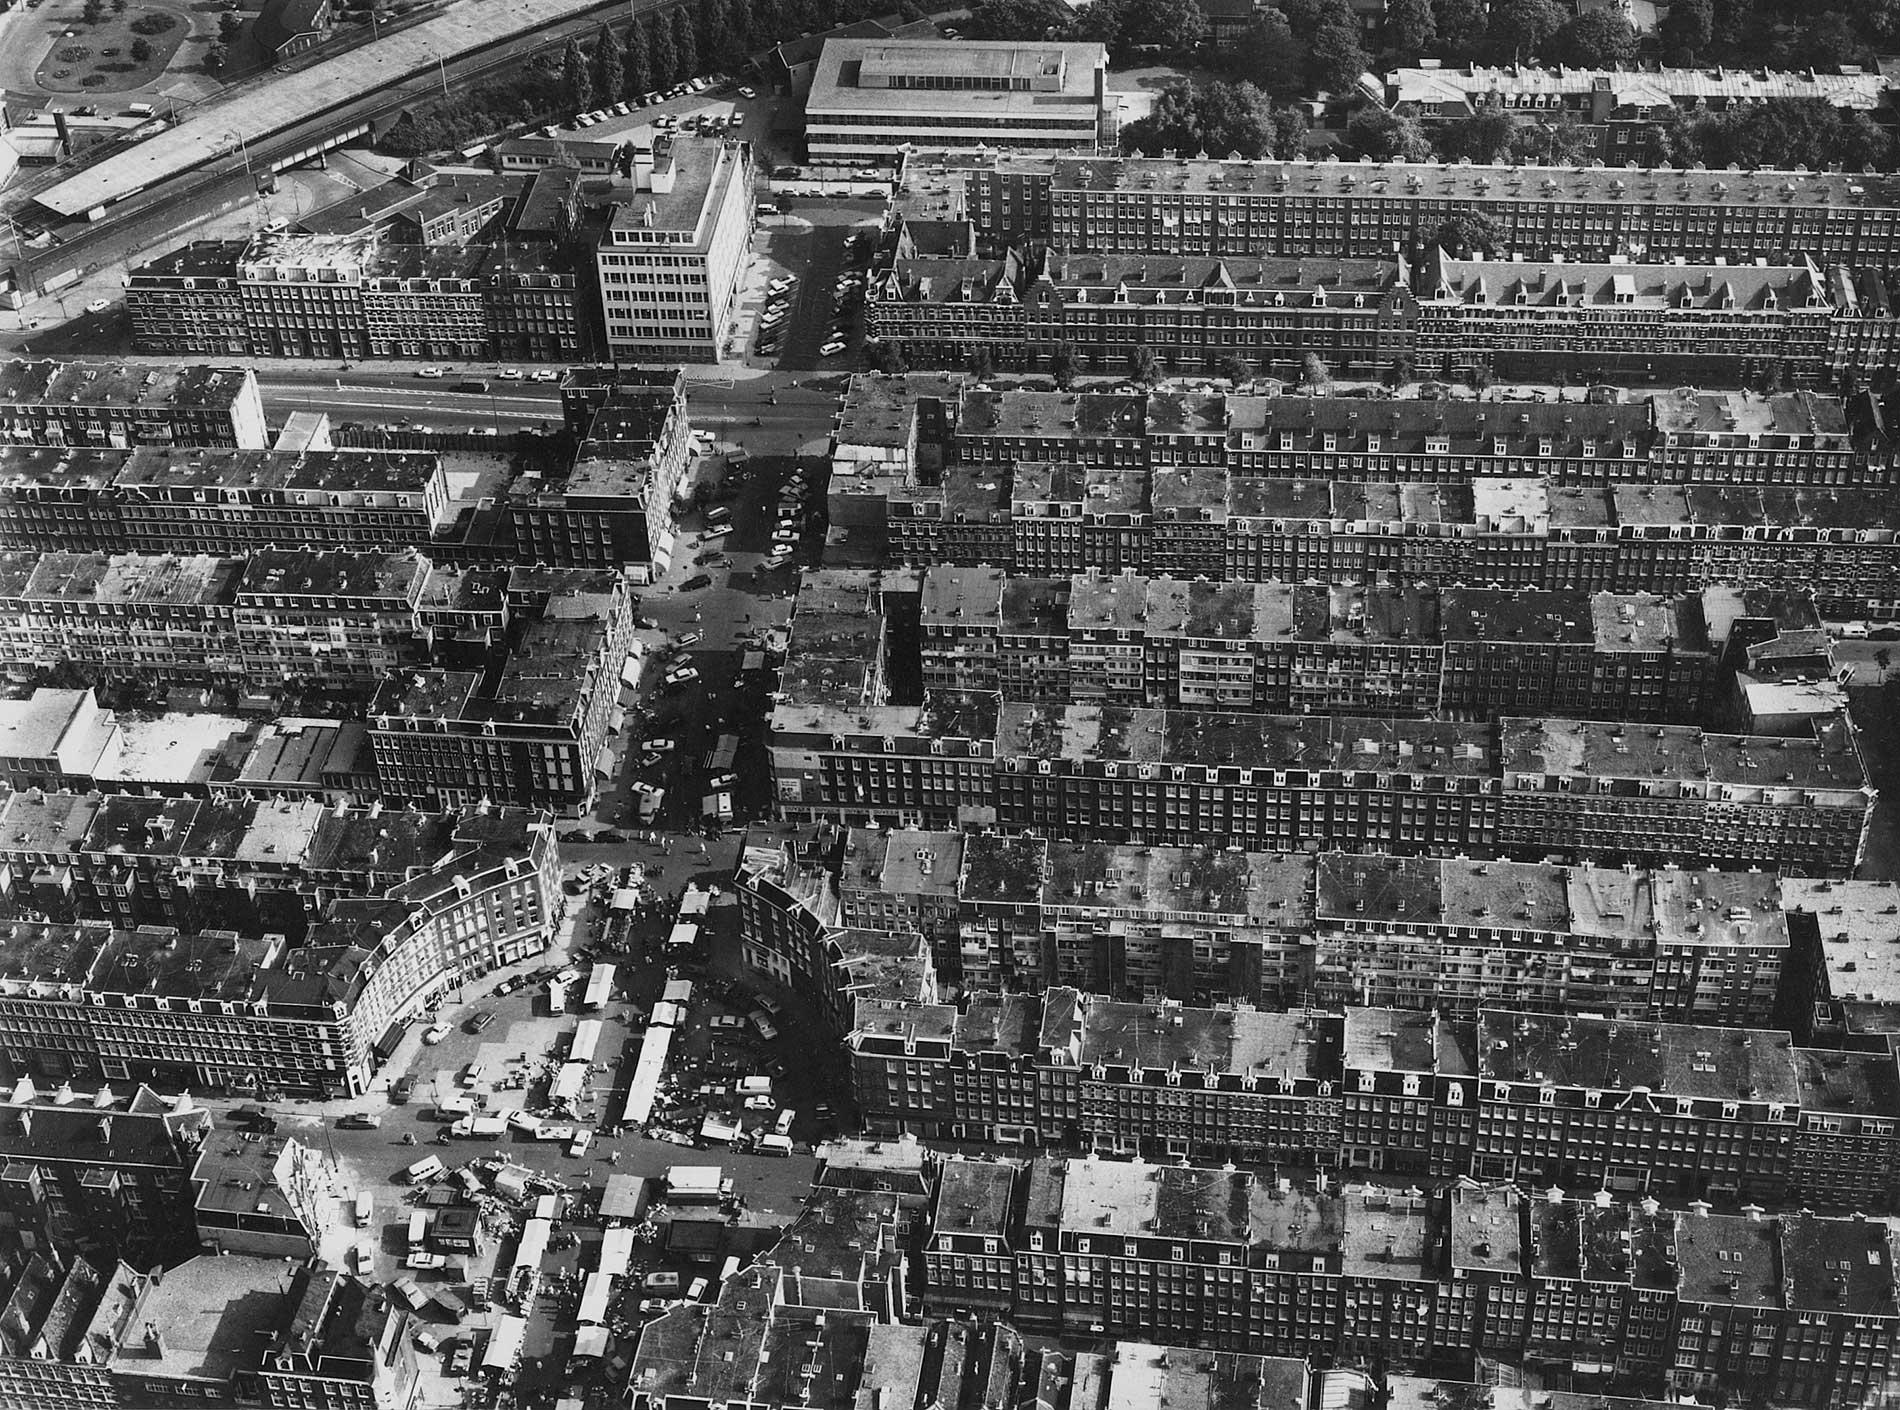 Luchtfoto Dapperbuurt met links onder Dapperplein en boven de foto de Domselaerstraat